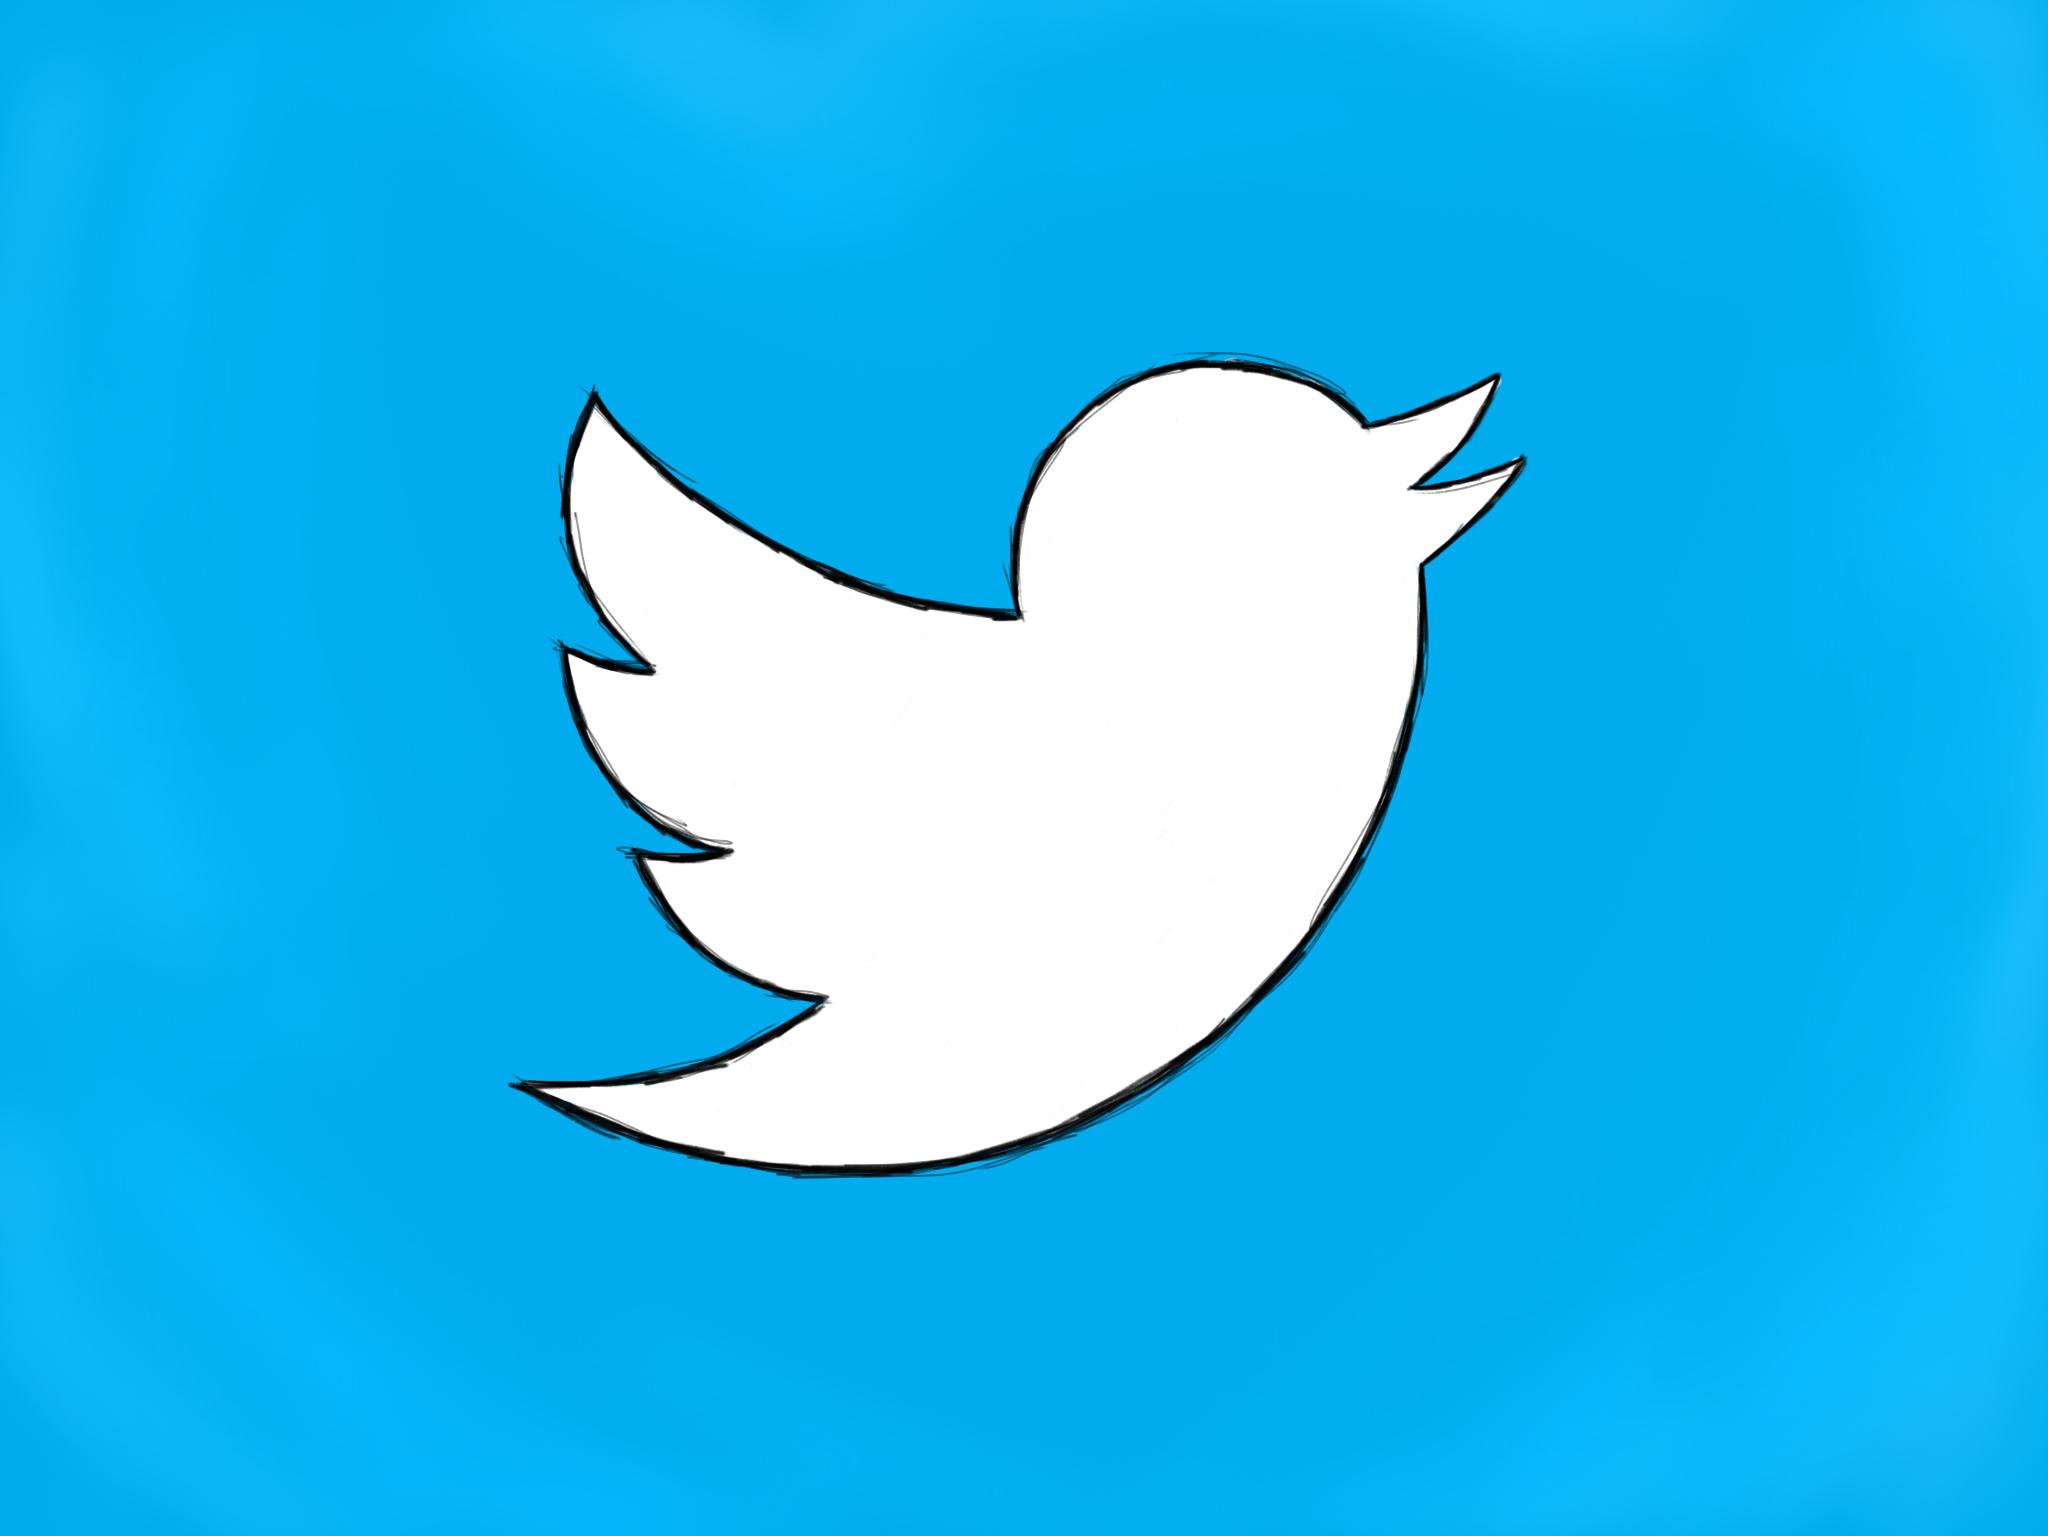 R3D se suma al Consejo de Confianza y Seguridad de Twitter